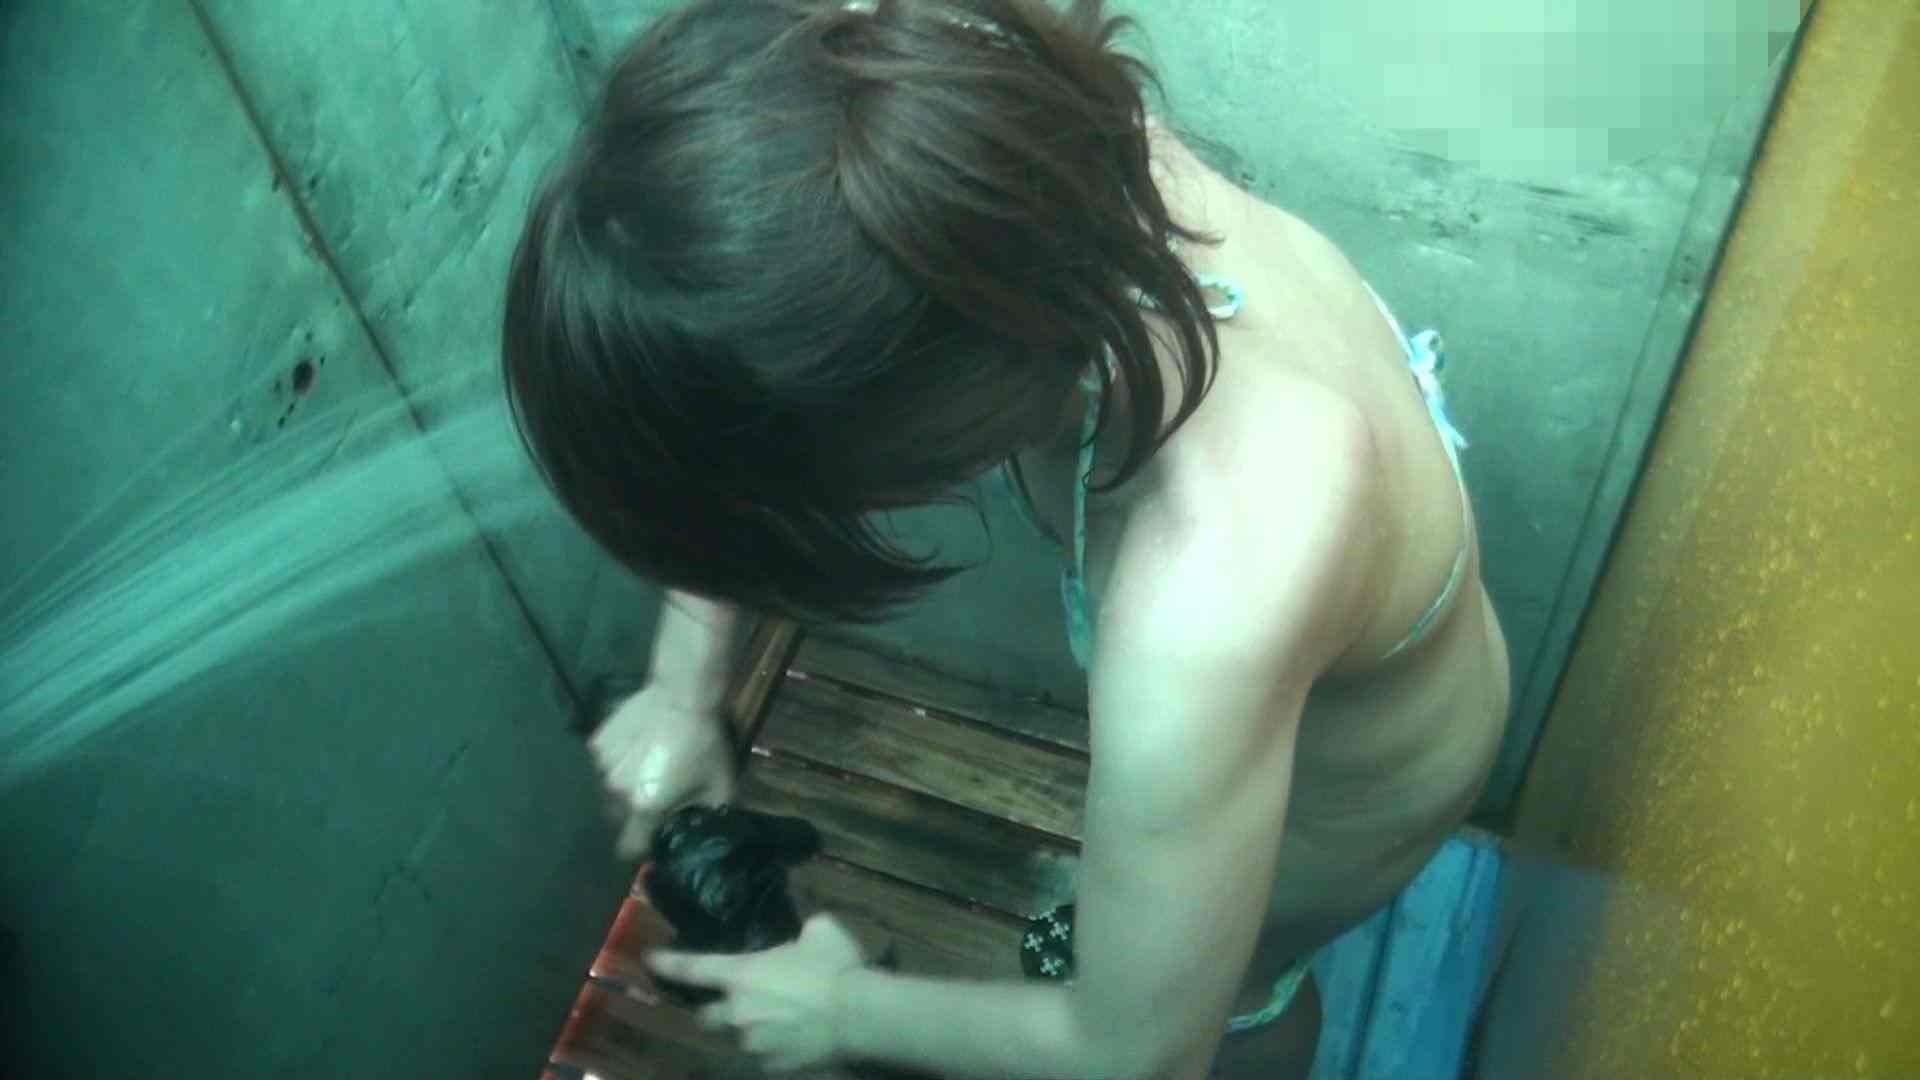 シャワールームは超!!危険な香りVol.15 残念ですが乳首未確認 マンコの砂は入念に シャワー  41pic 35